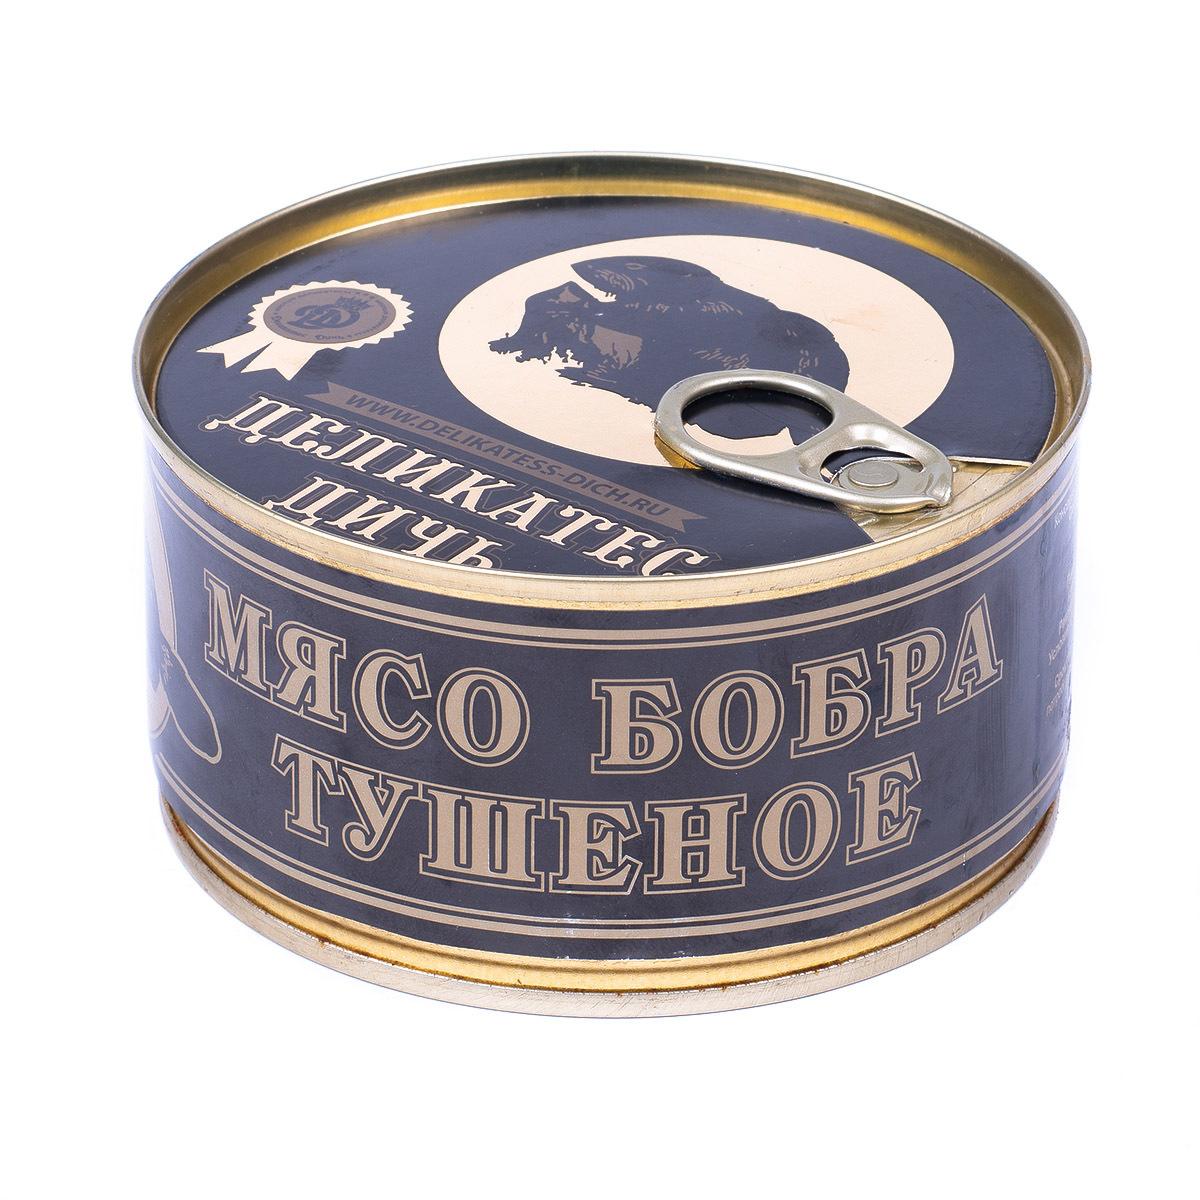 """Мясо бобра тушеное, """"Деликатес Дичь"""", 325 г"""